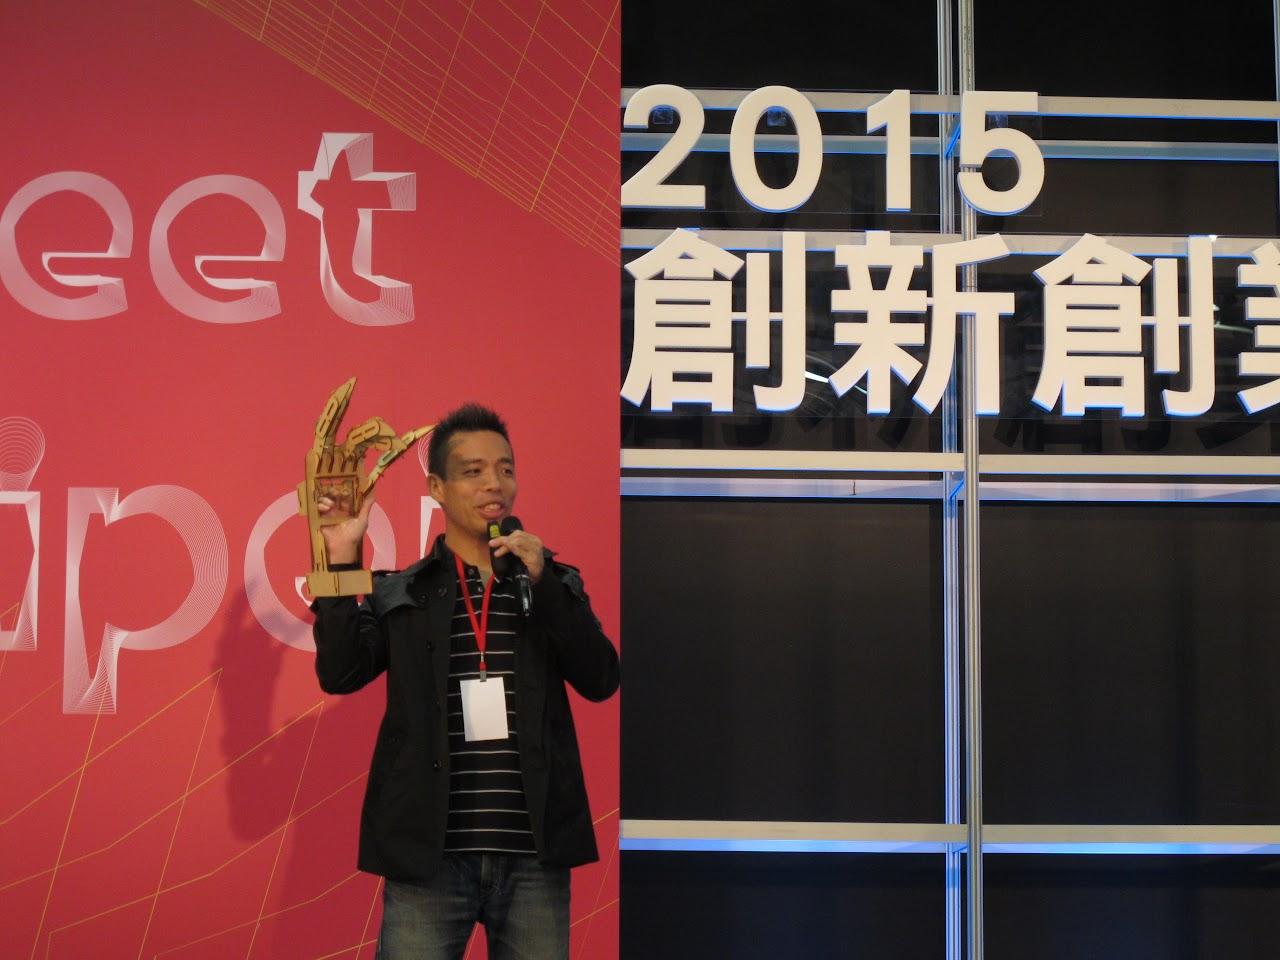 [2015 Meet Taipei] 台灣人喜歡問「你到底要做什麼?」為什麼不能單純就是for fun?|數位時代